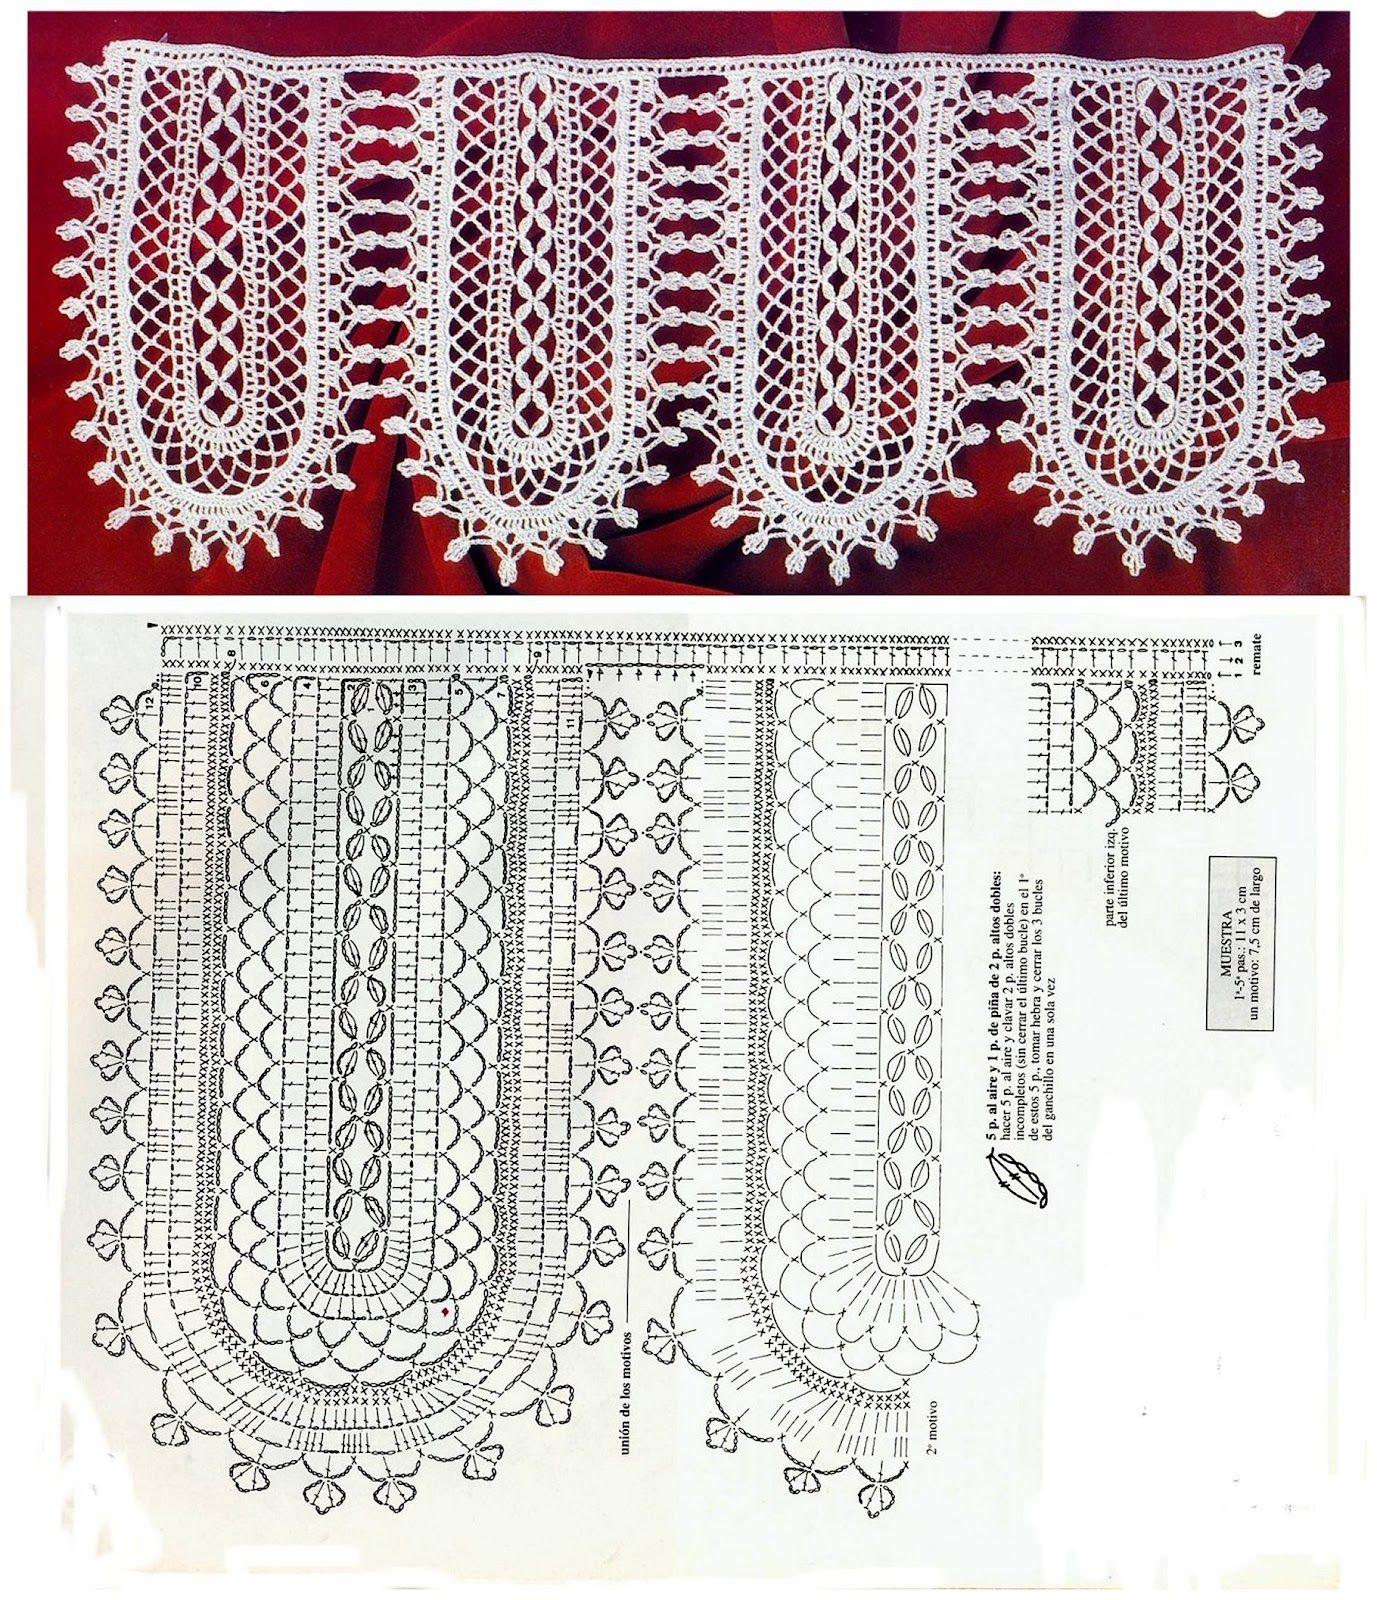 Epingle Par Maricela Gonzalez Sur Crochet